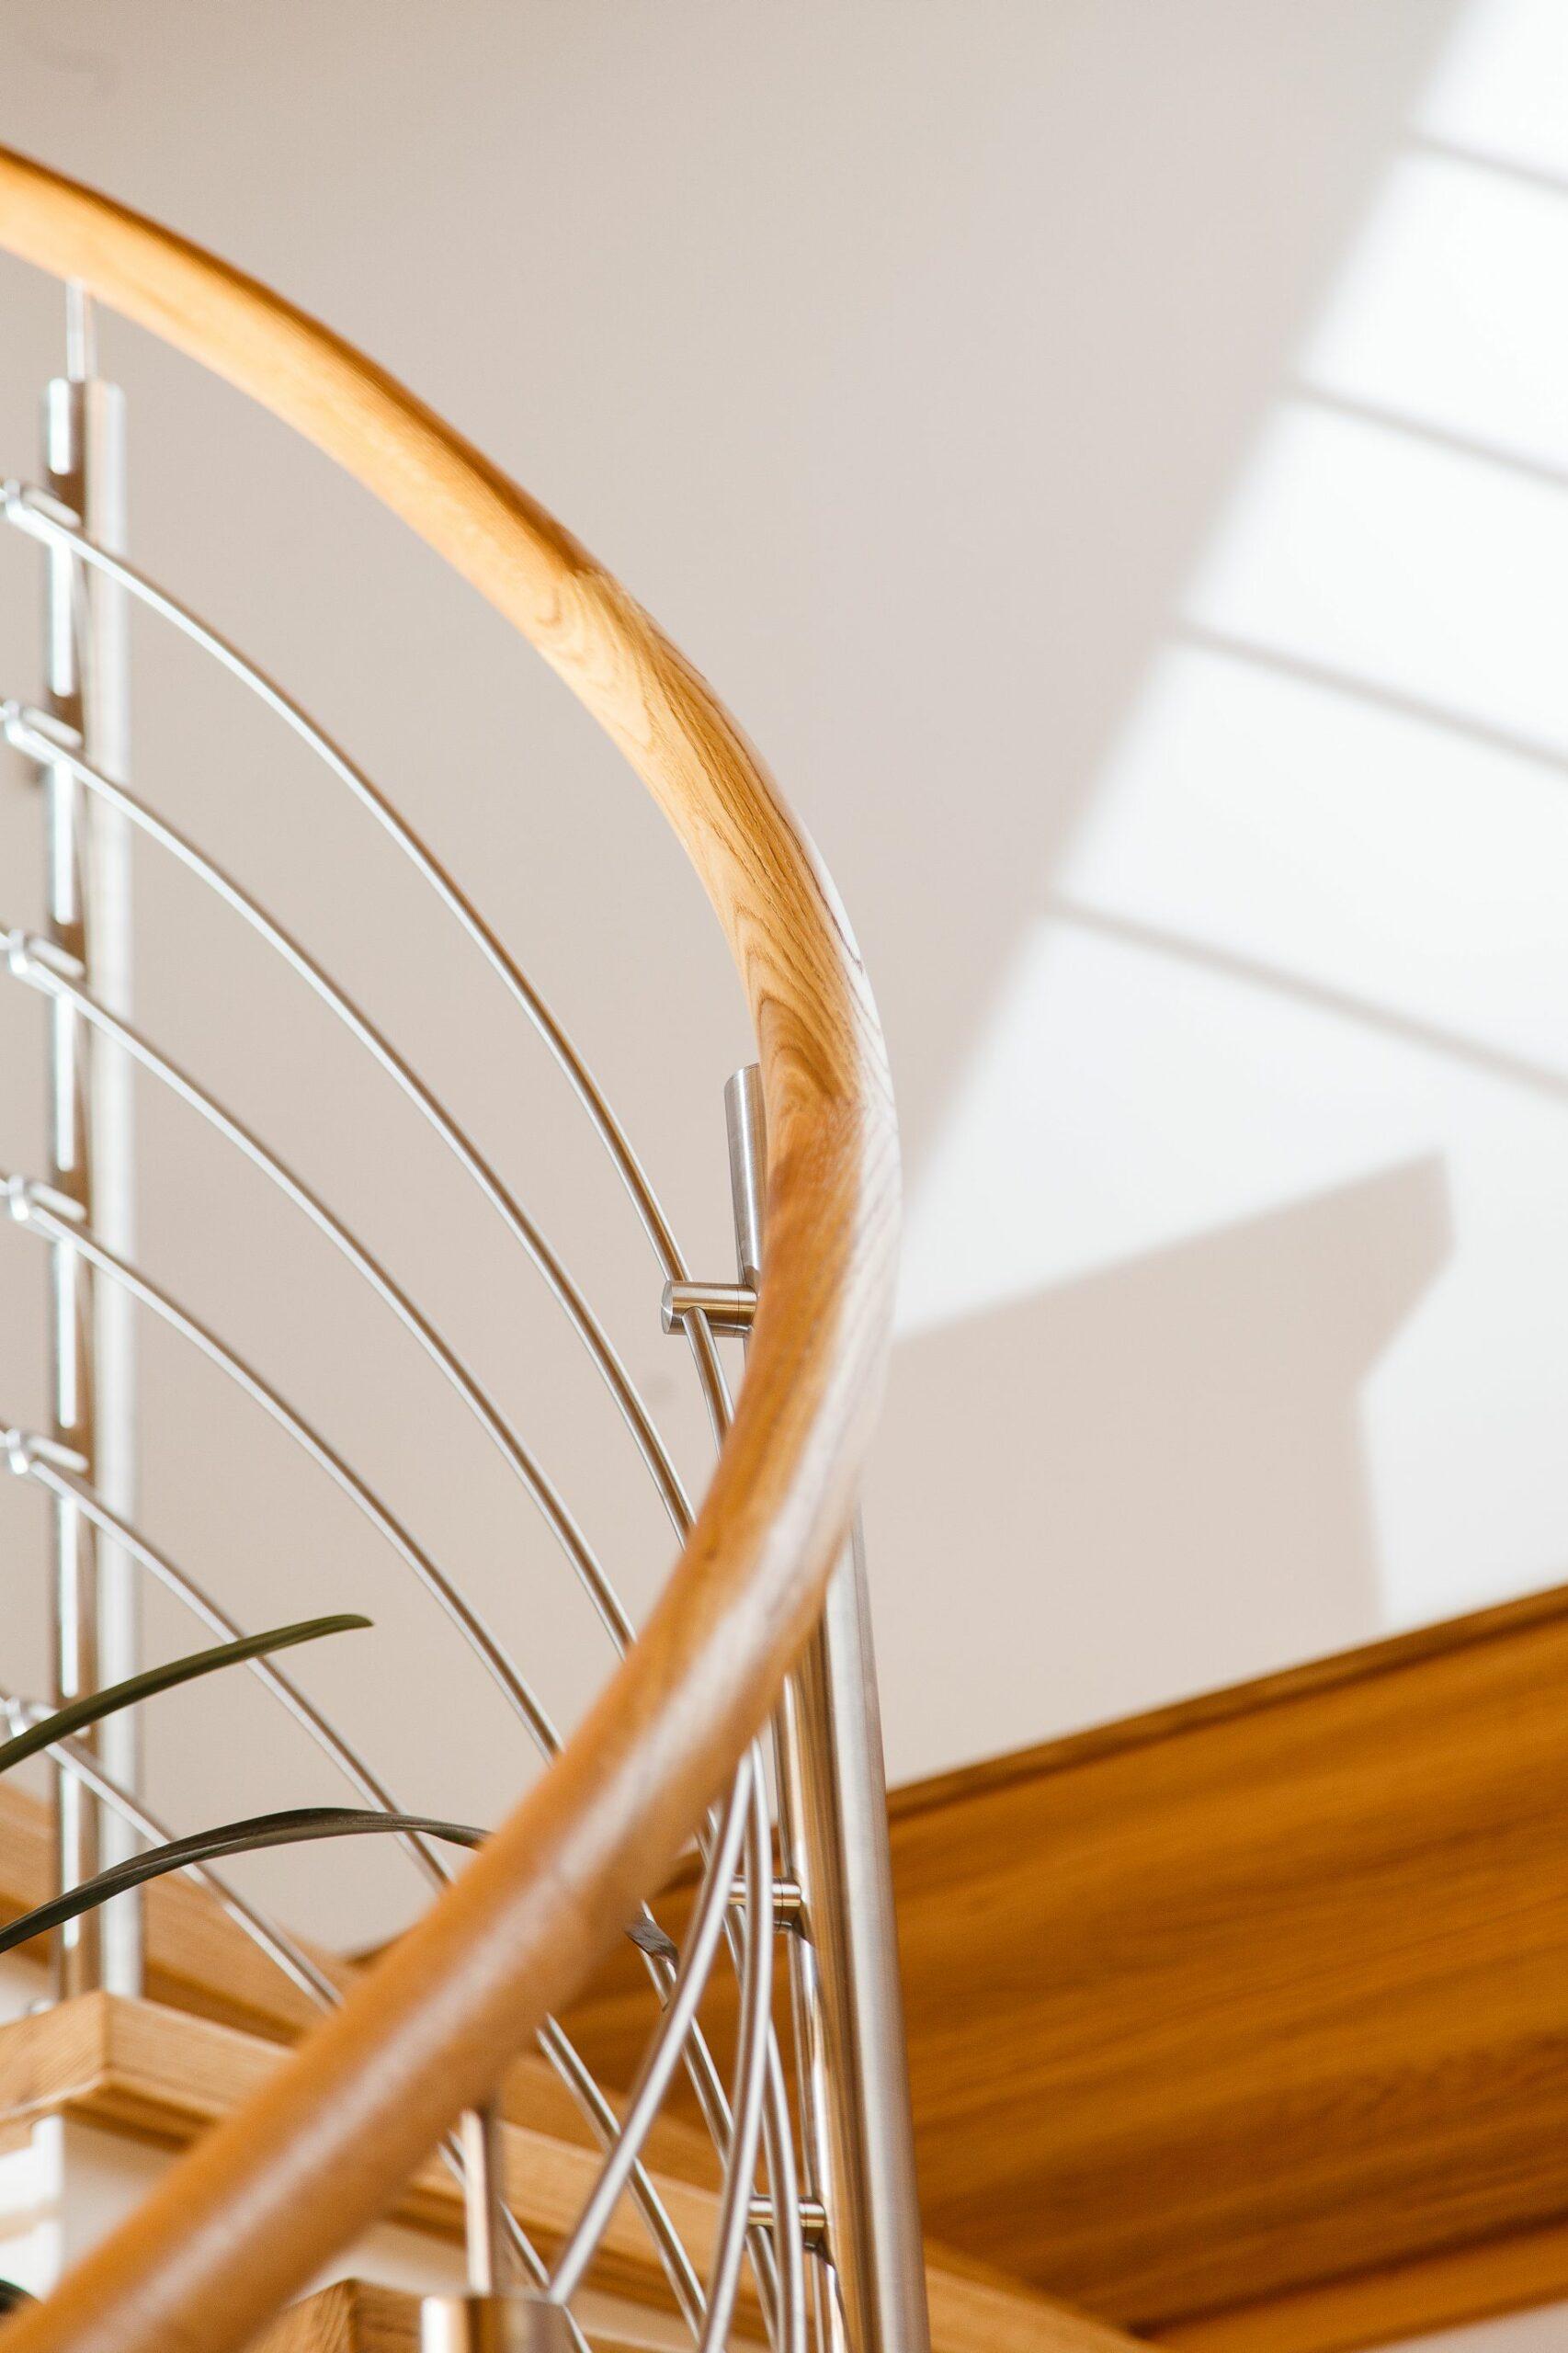 Geländer mit Holzhandlauf